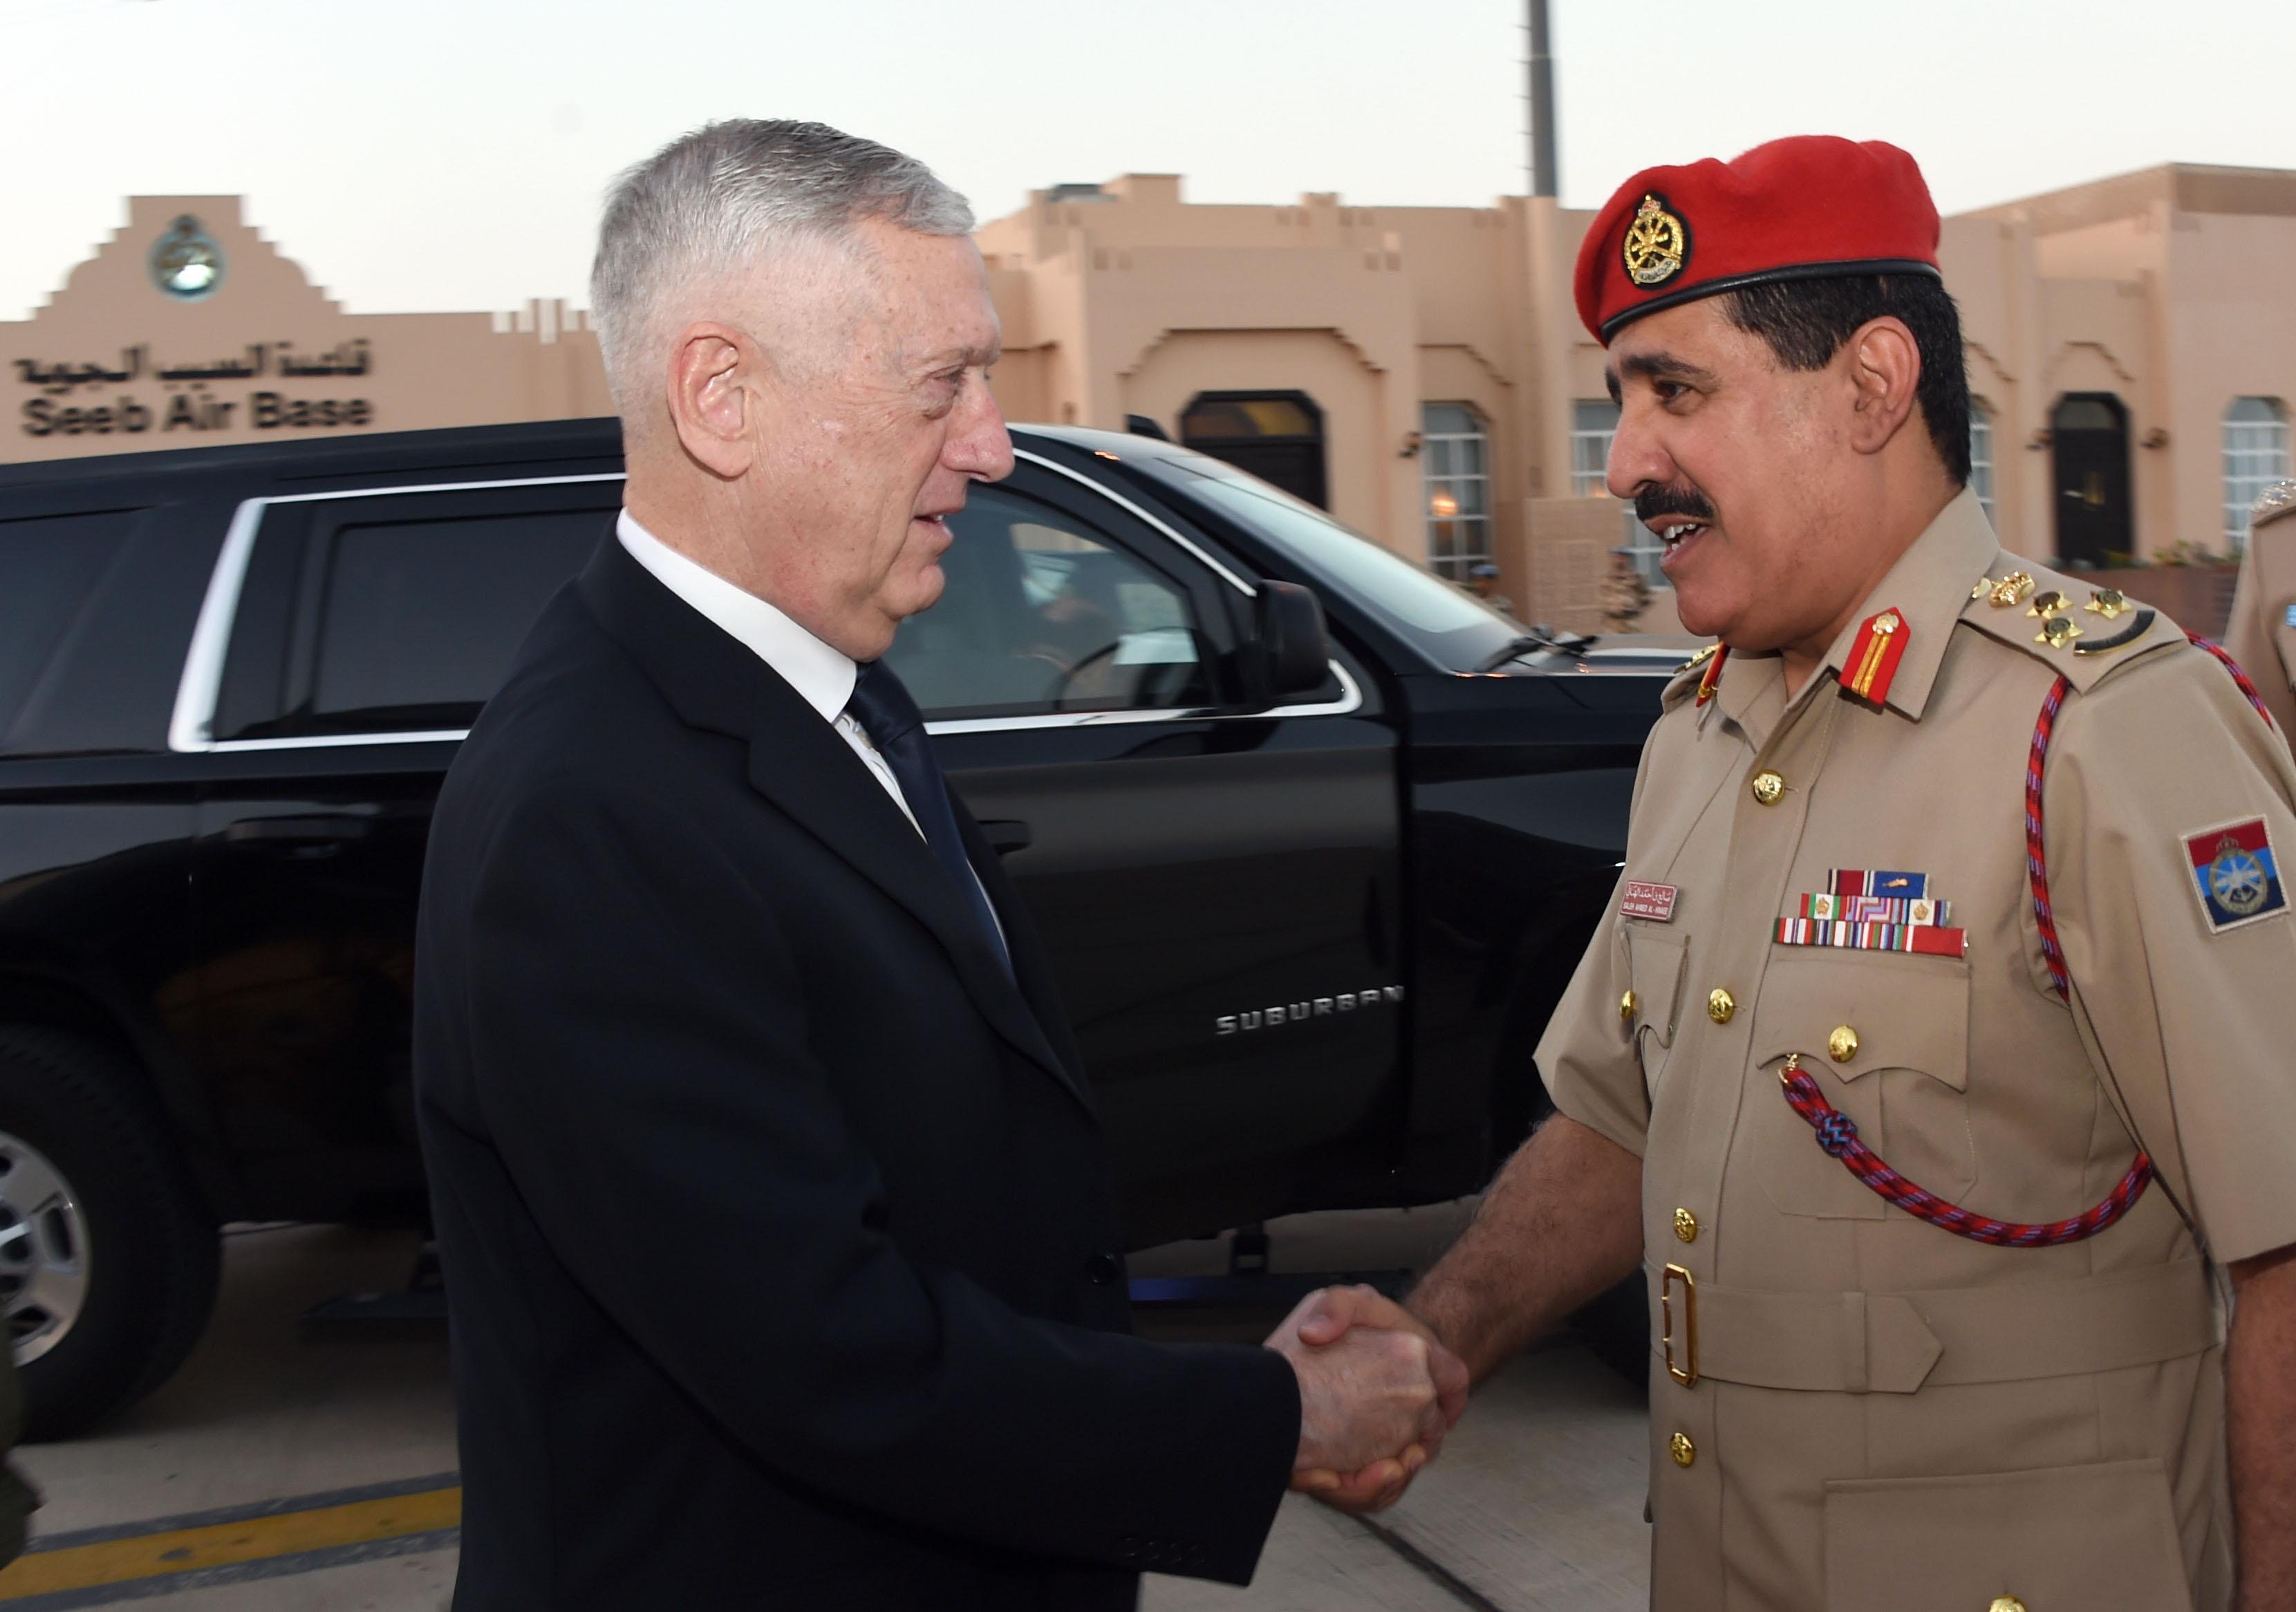 معالي وزير الدفاع الأمريكي يغادر البلاد